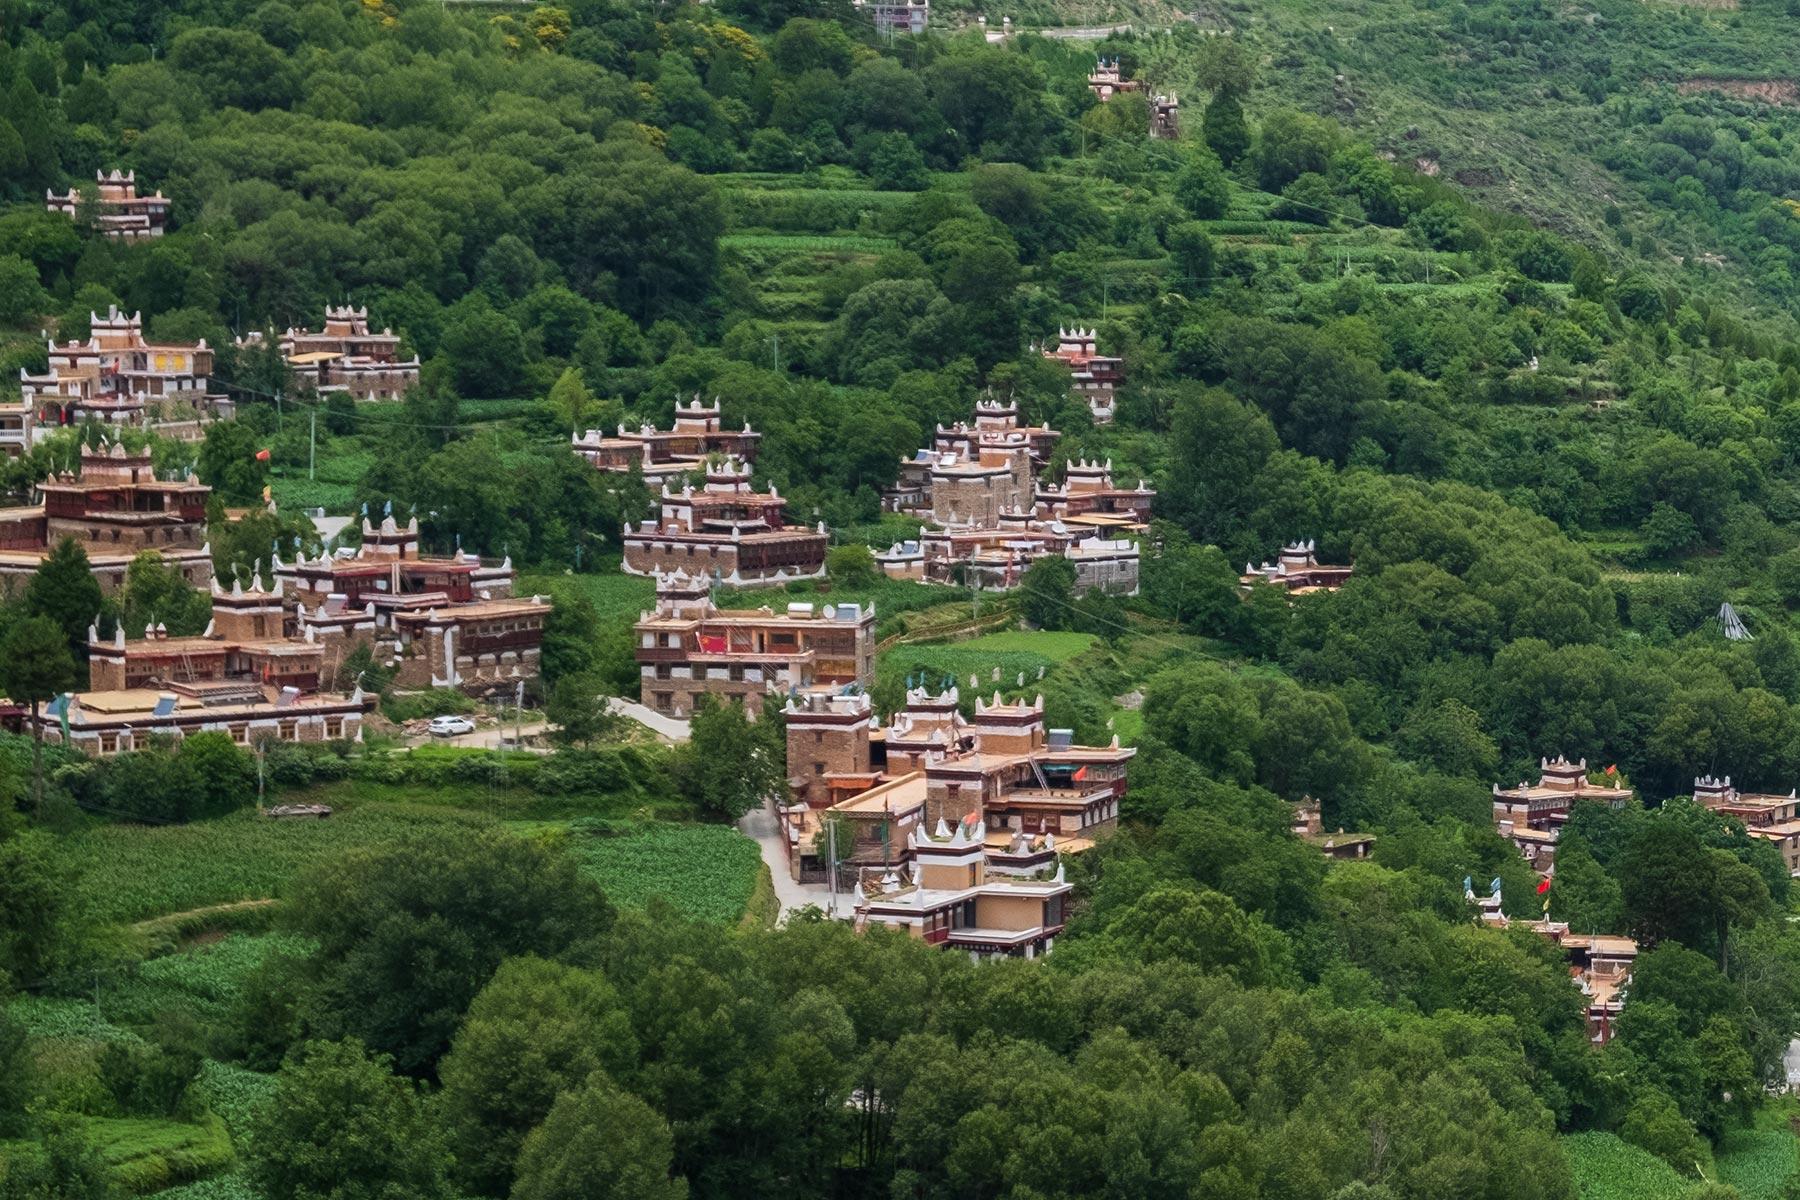 Blick auf tibetisches Dorf Danba Zangzhai in China